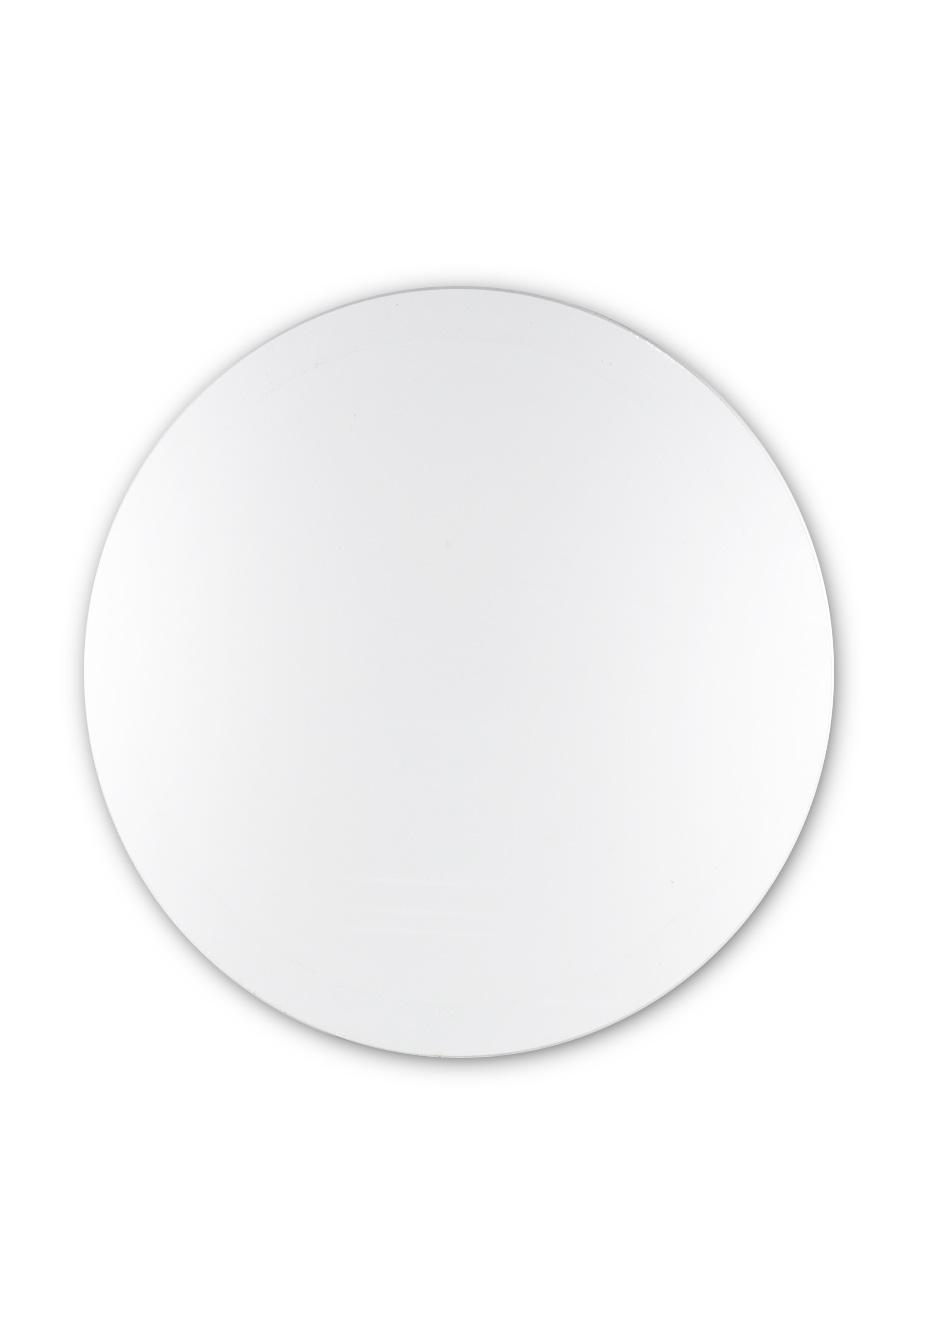 kanvas-lingkaran